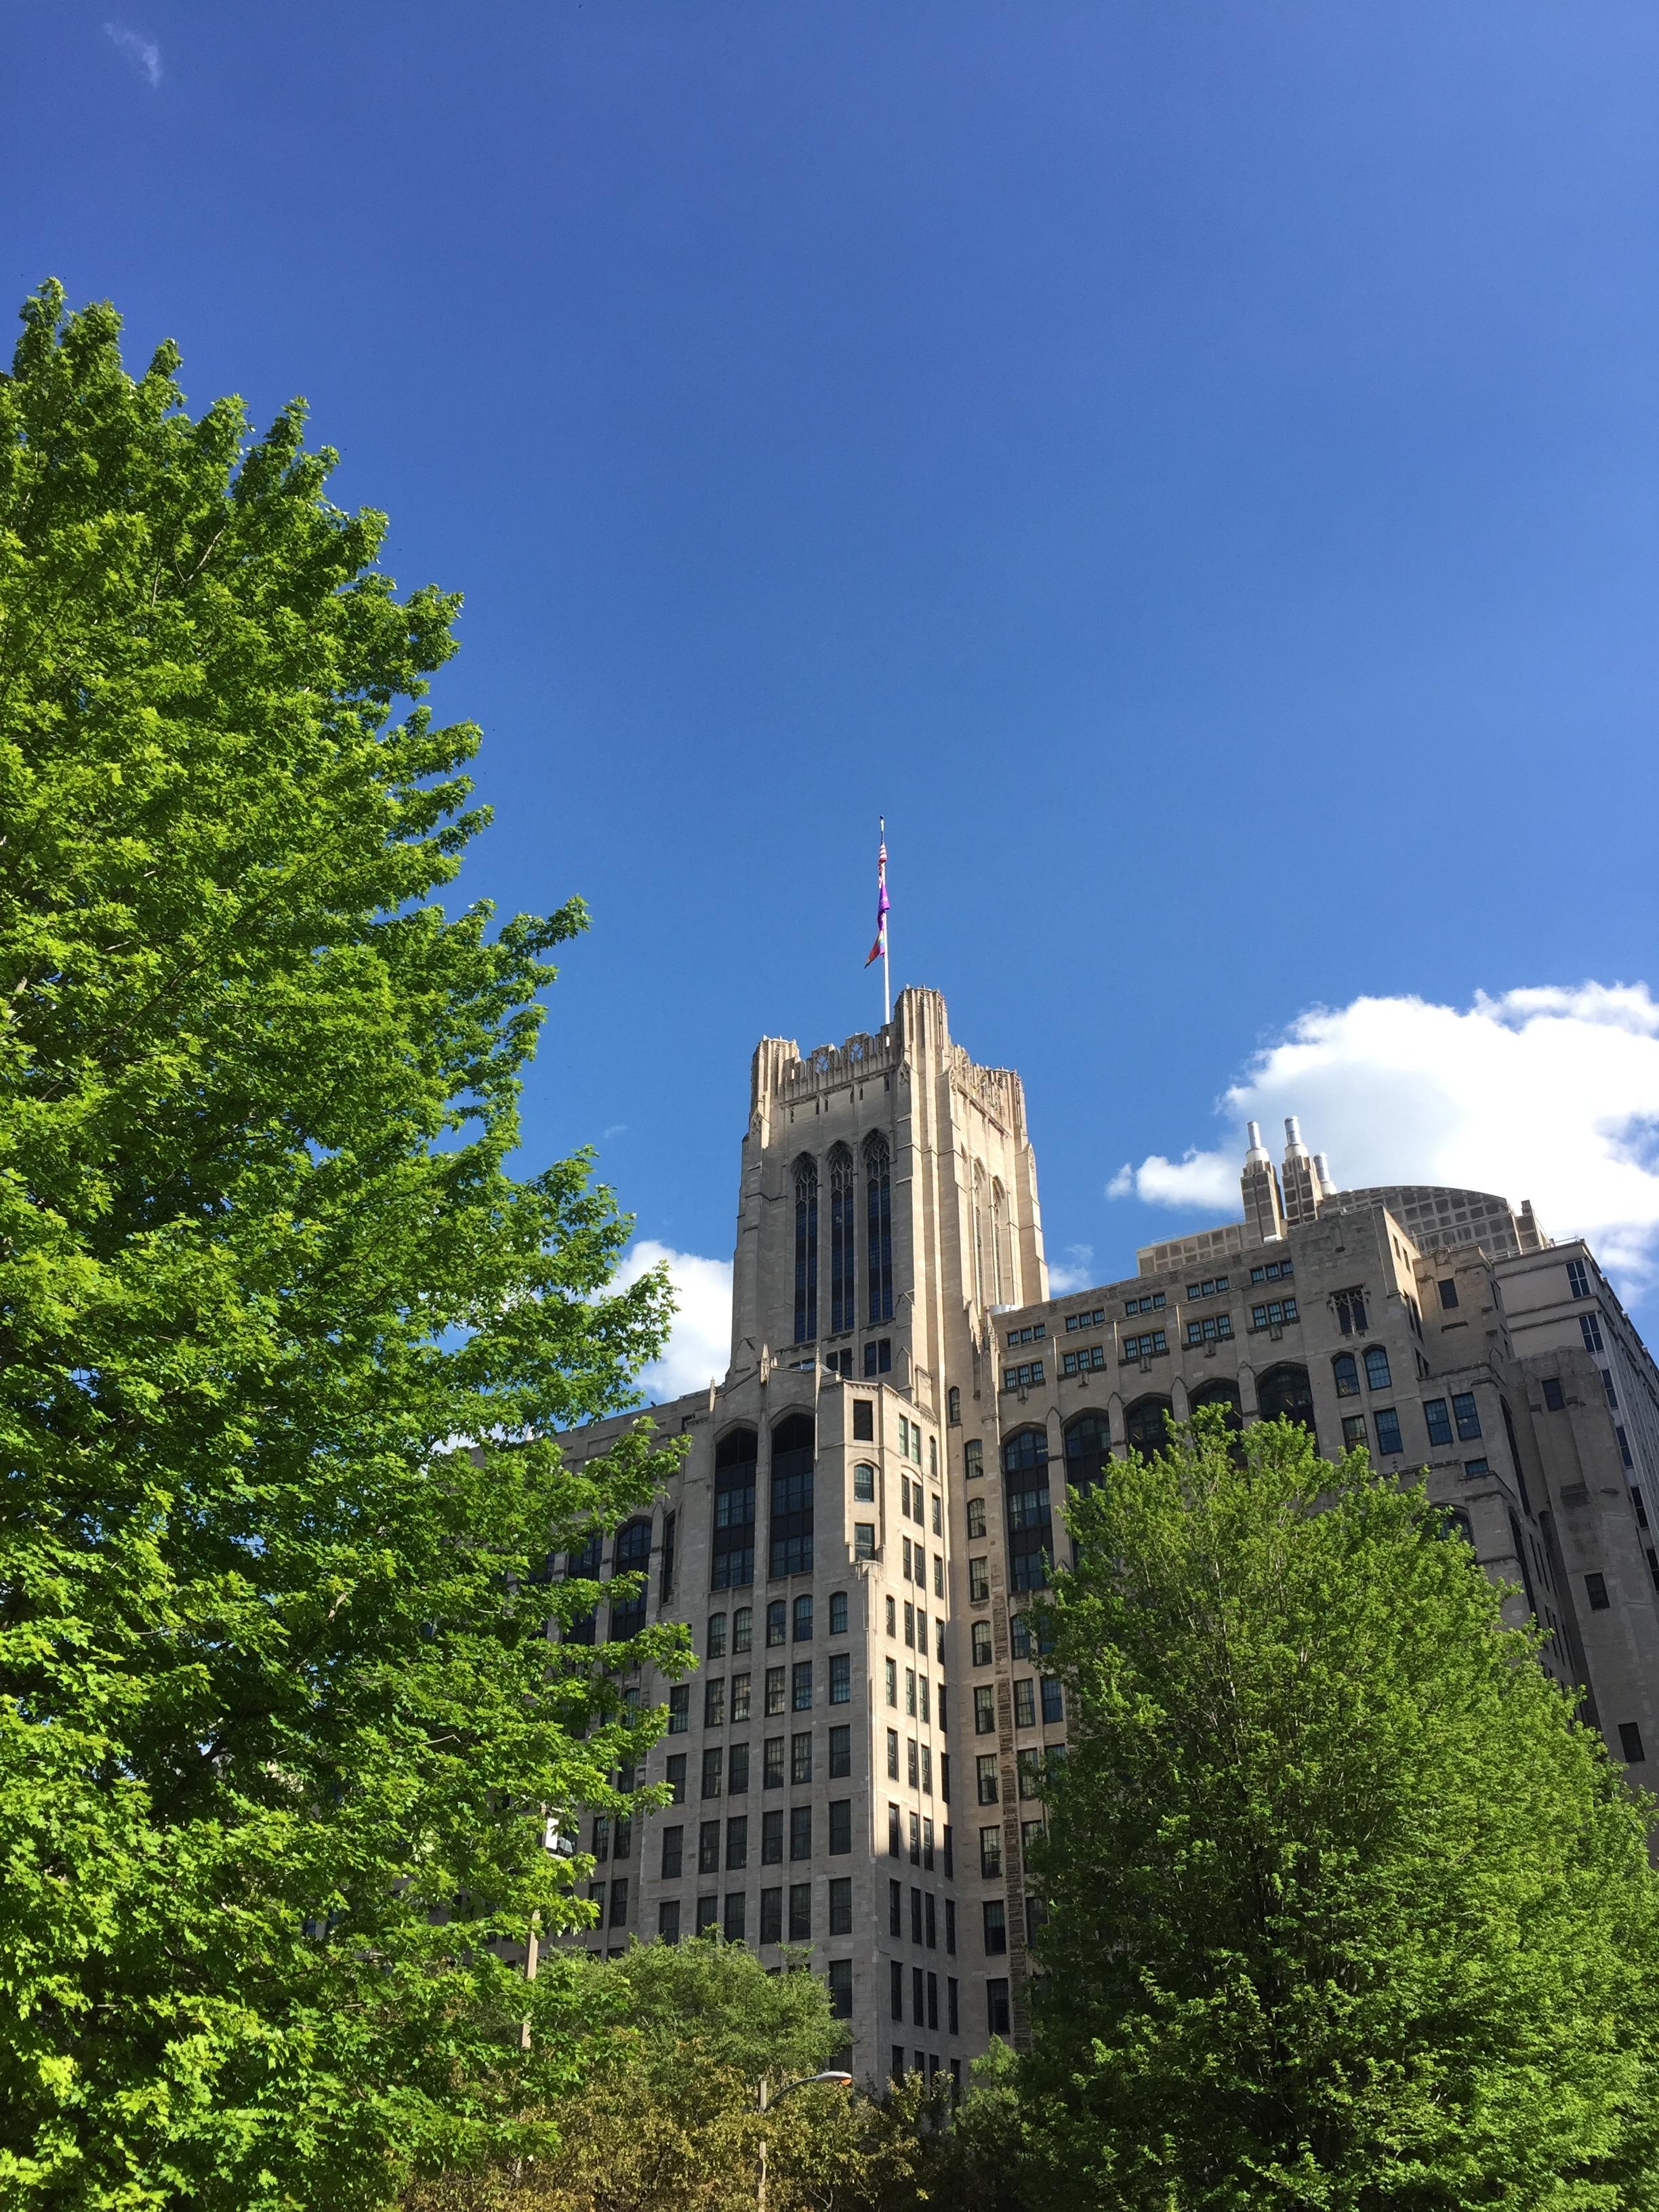 Northwestern Campus in Chicago